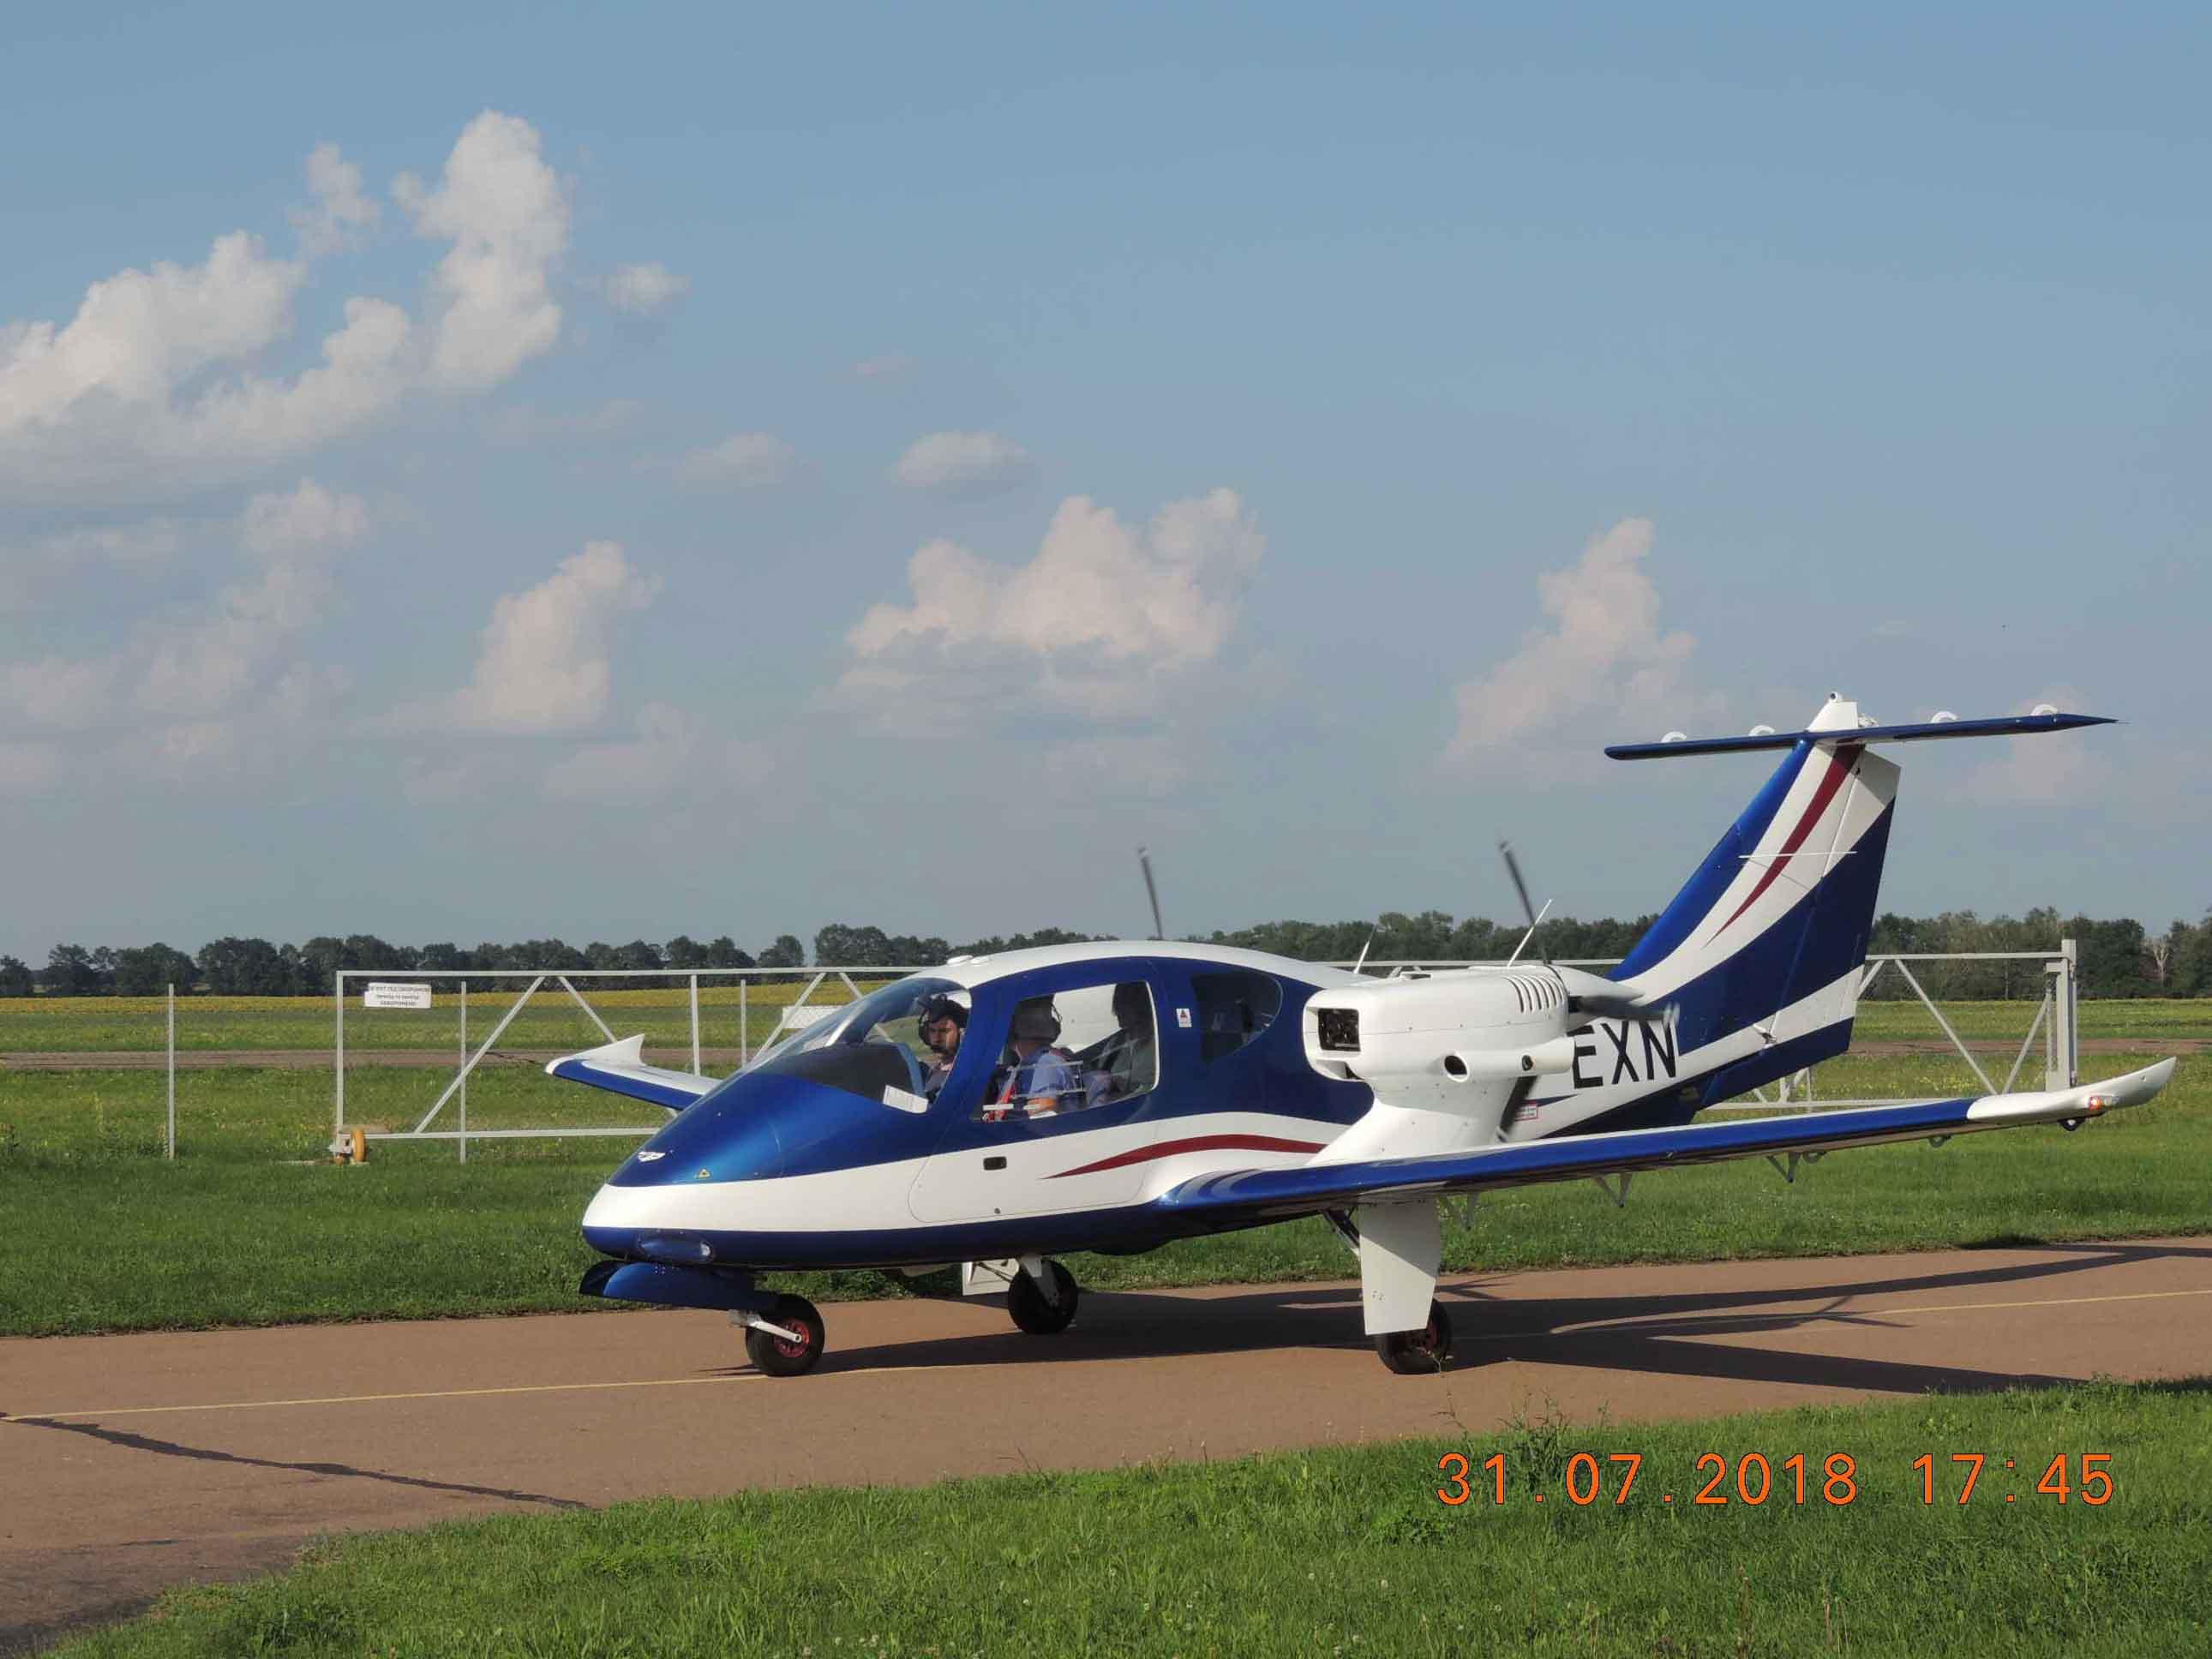 продаем четырехместный, двухмоторный самолет V-24-I фото 3